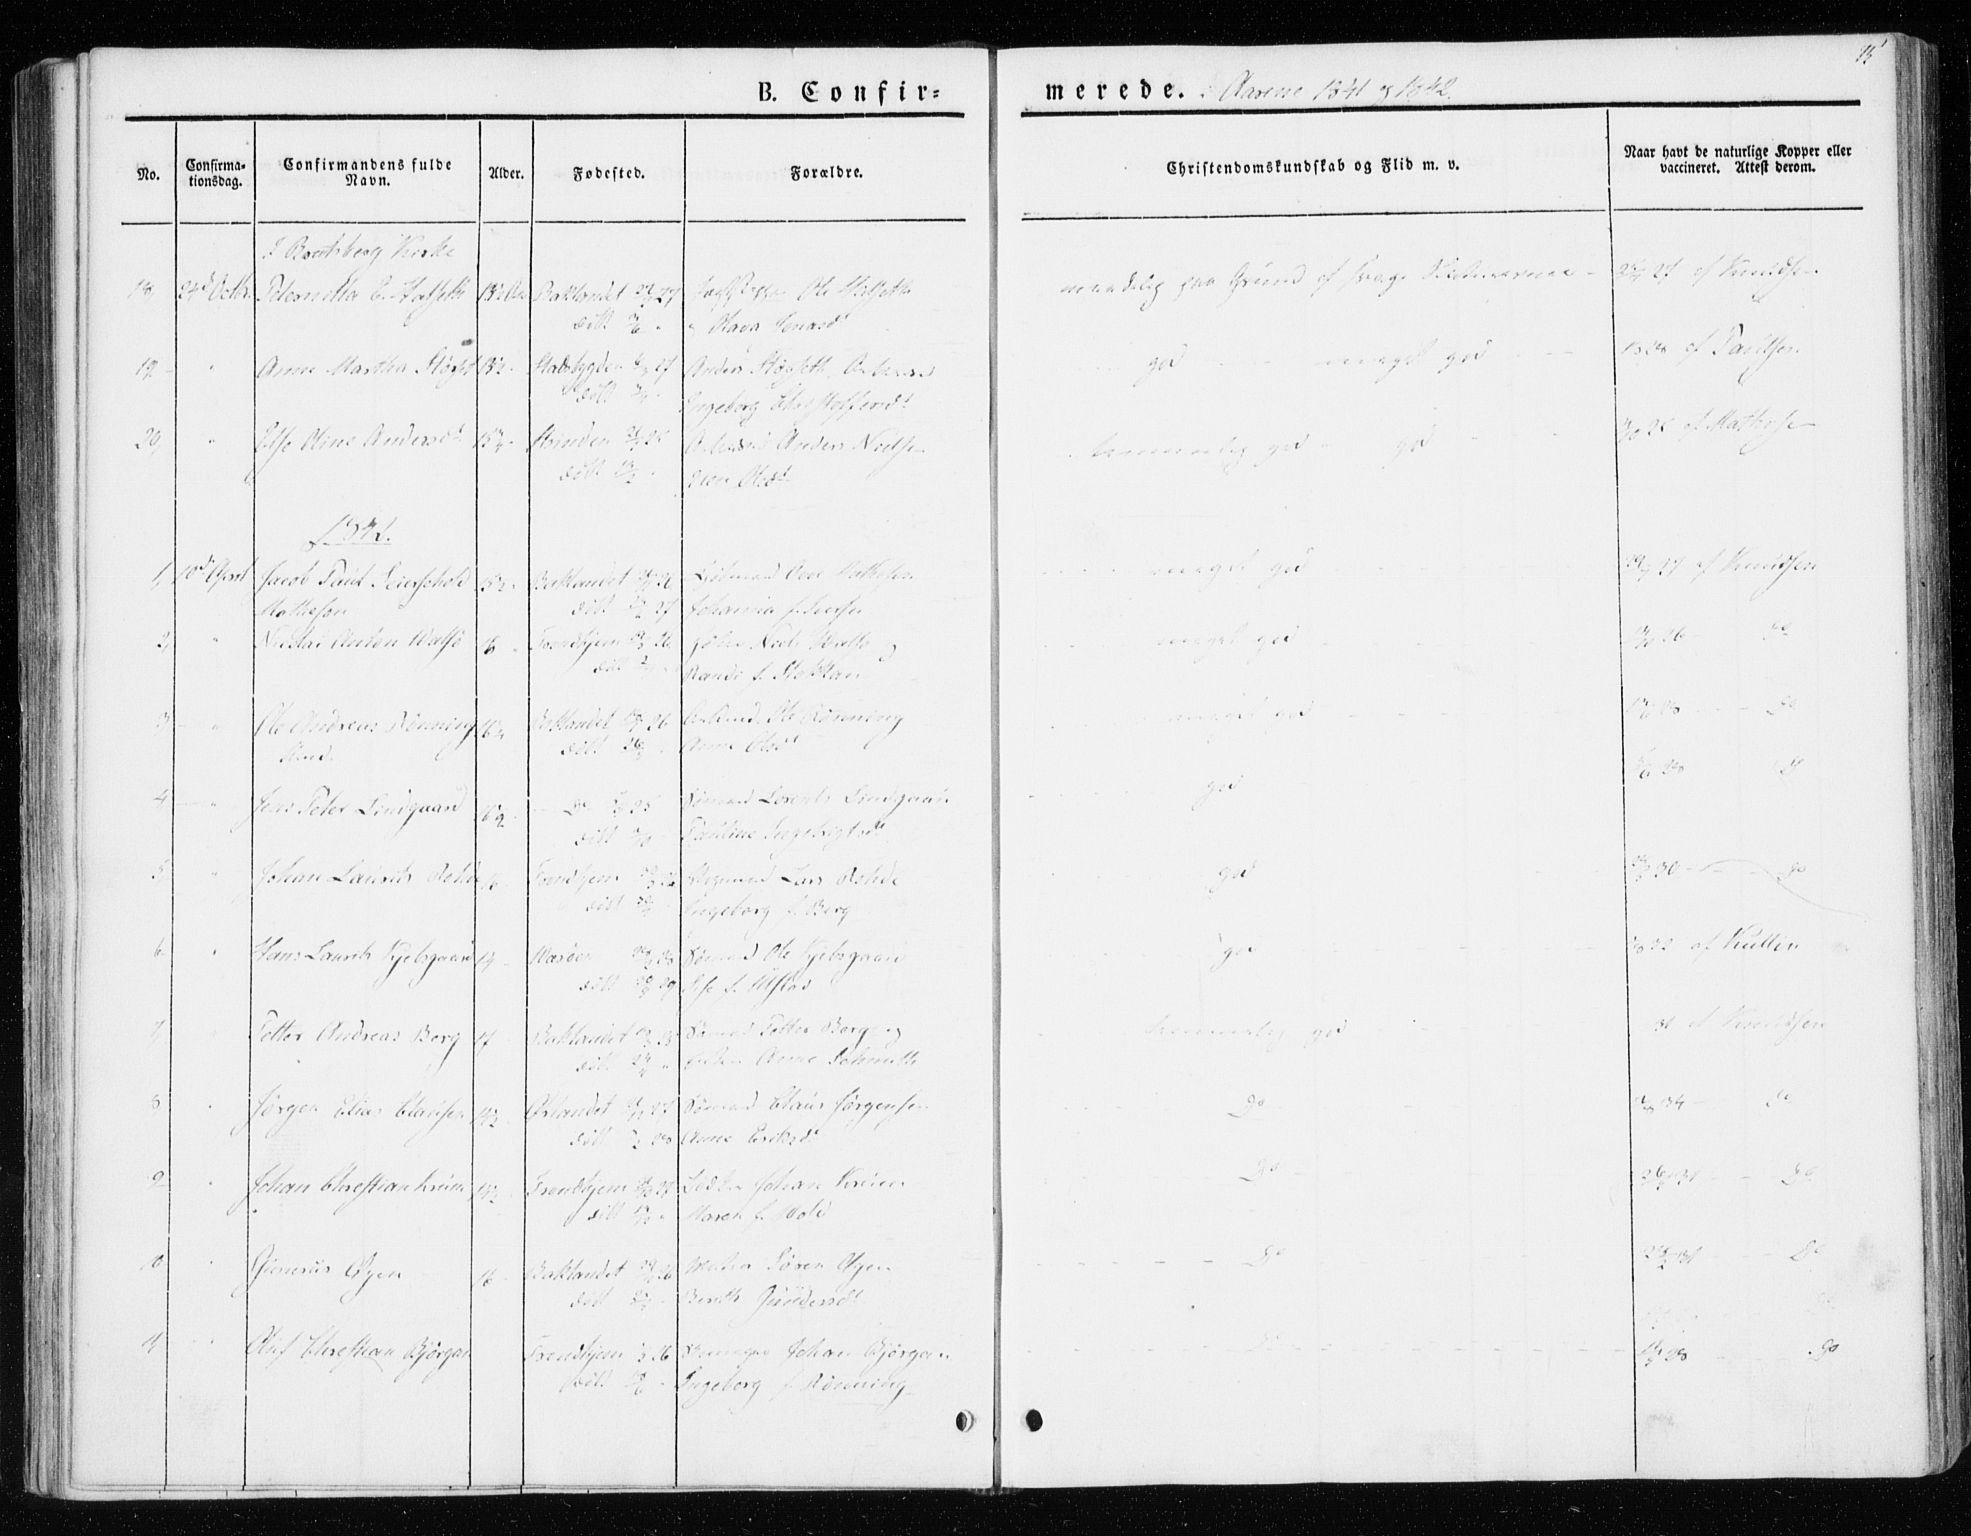 SAT, Ministerialprotokoller, klokkerbøker og fødselsregistre - Sør-Trøndelag, 604/L0183: Ministerialbok nr. 604A04, 1841-1850, s. 75